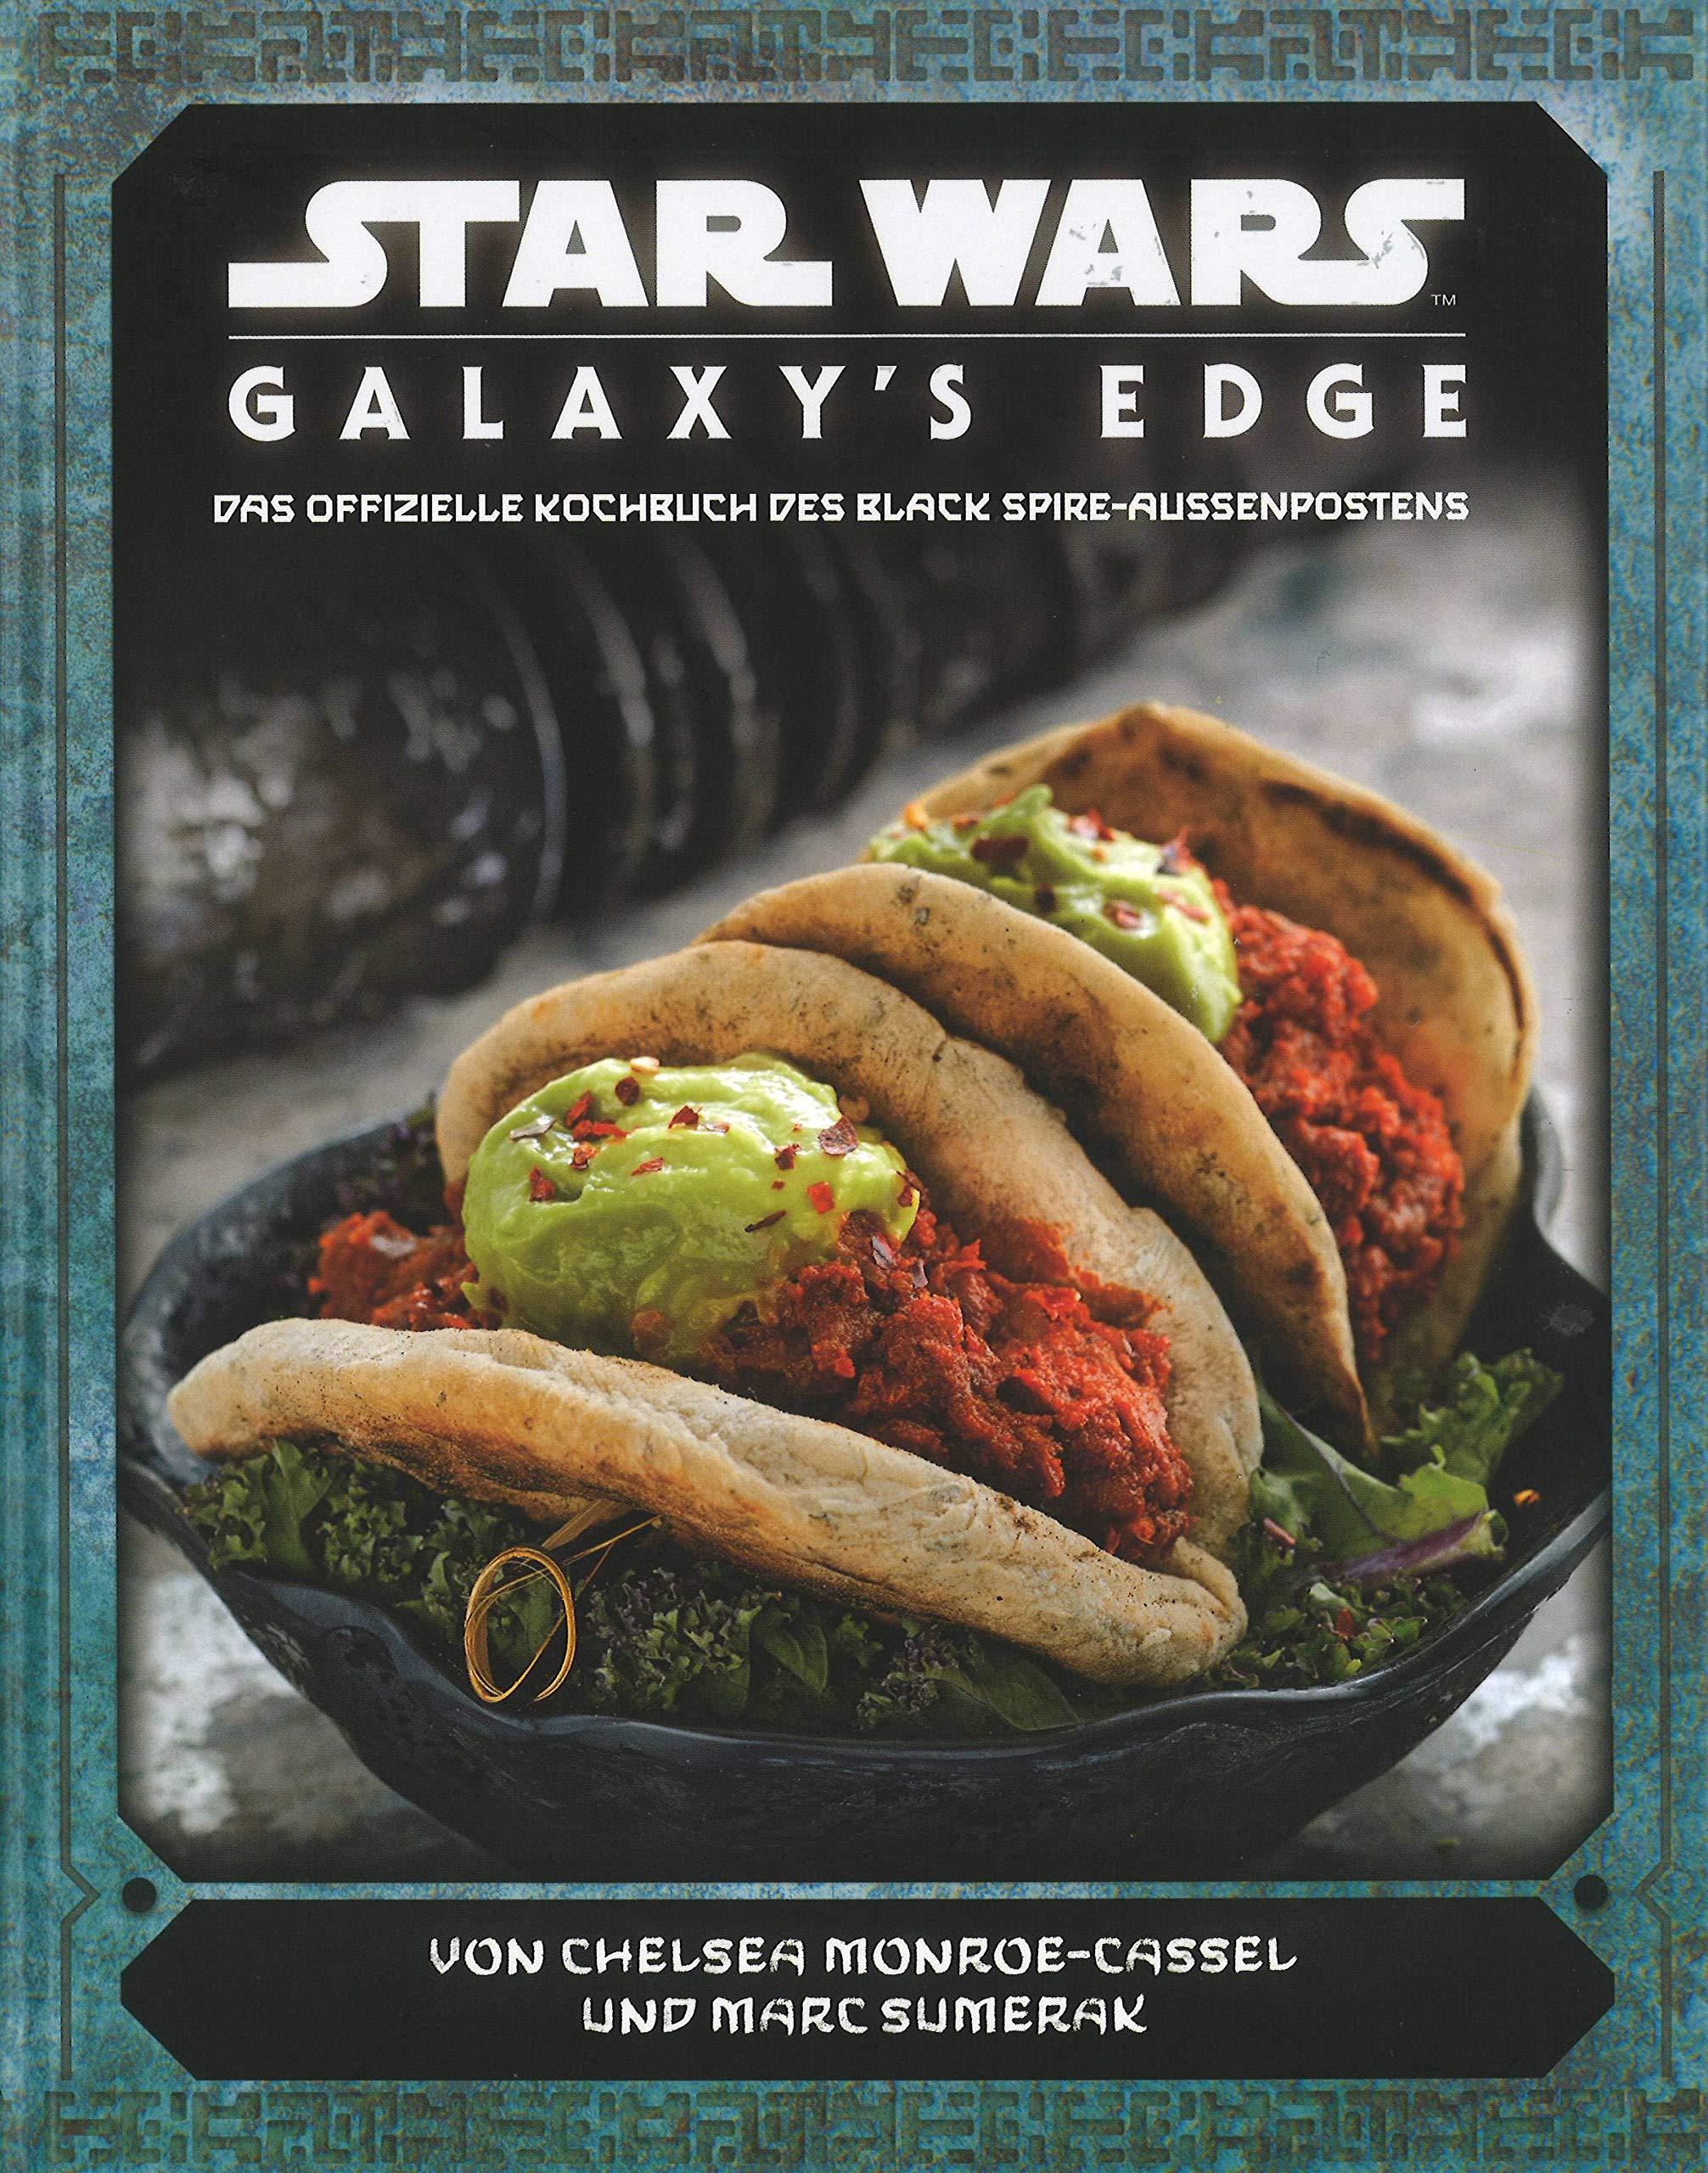 Galaxy's Edge: Das offizielle Kochbuch des Black-Spire-Außenpostens (25.02.2020)